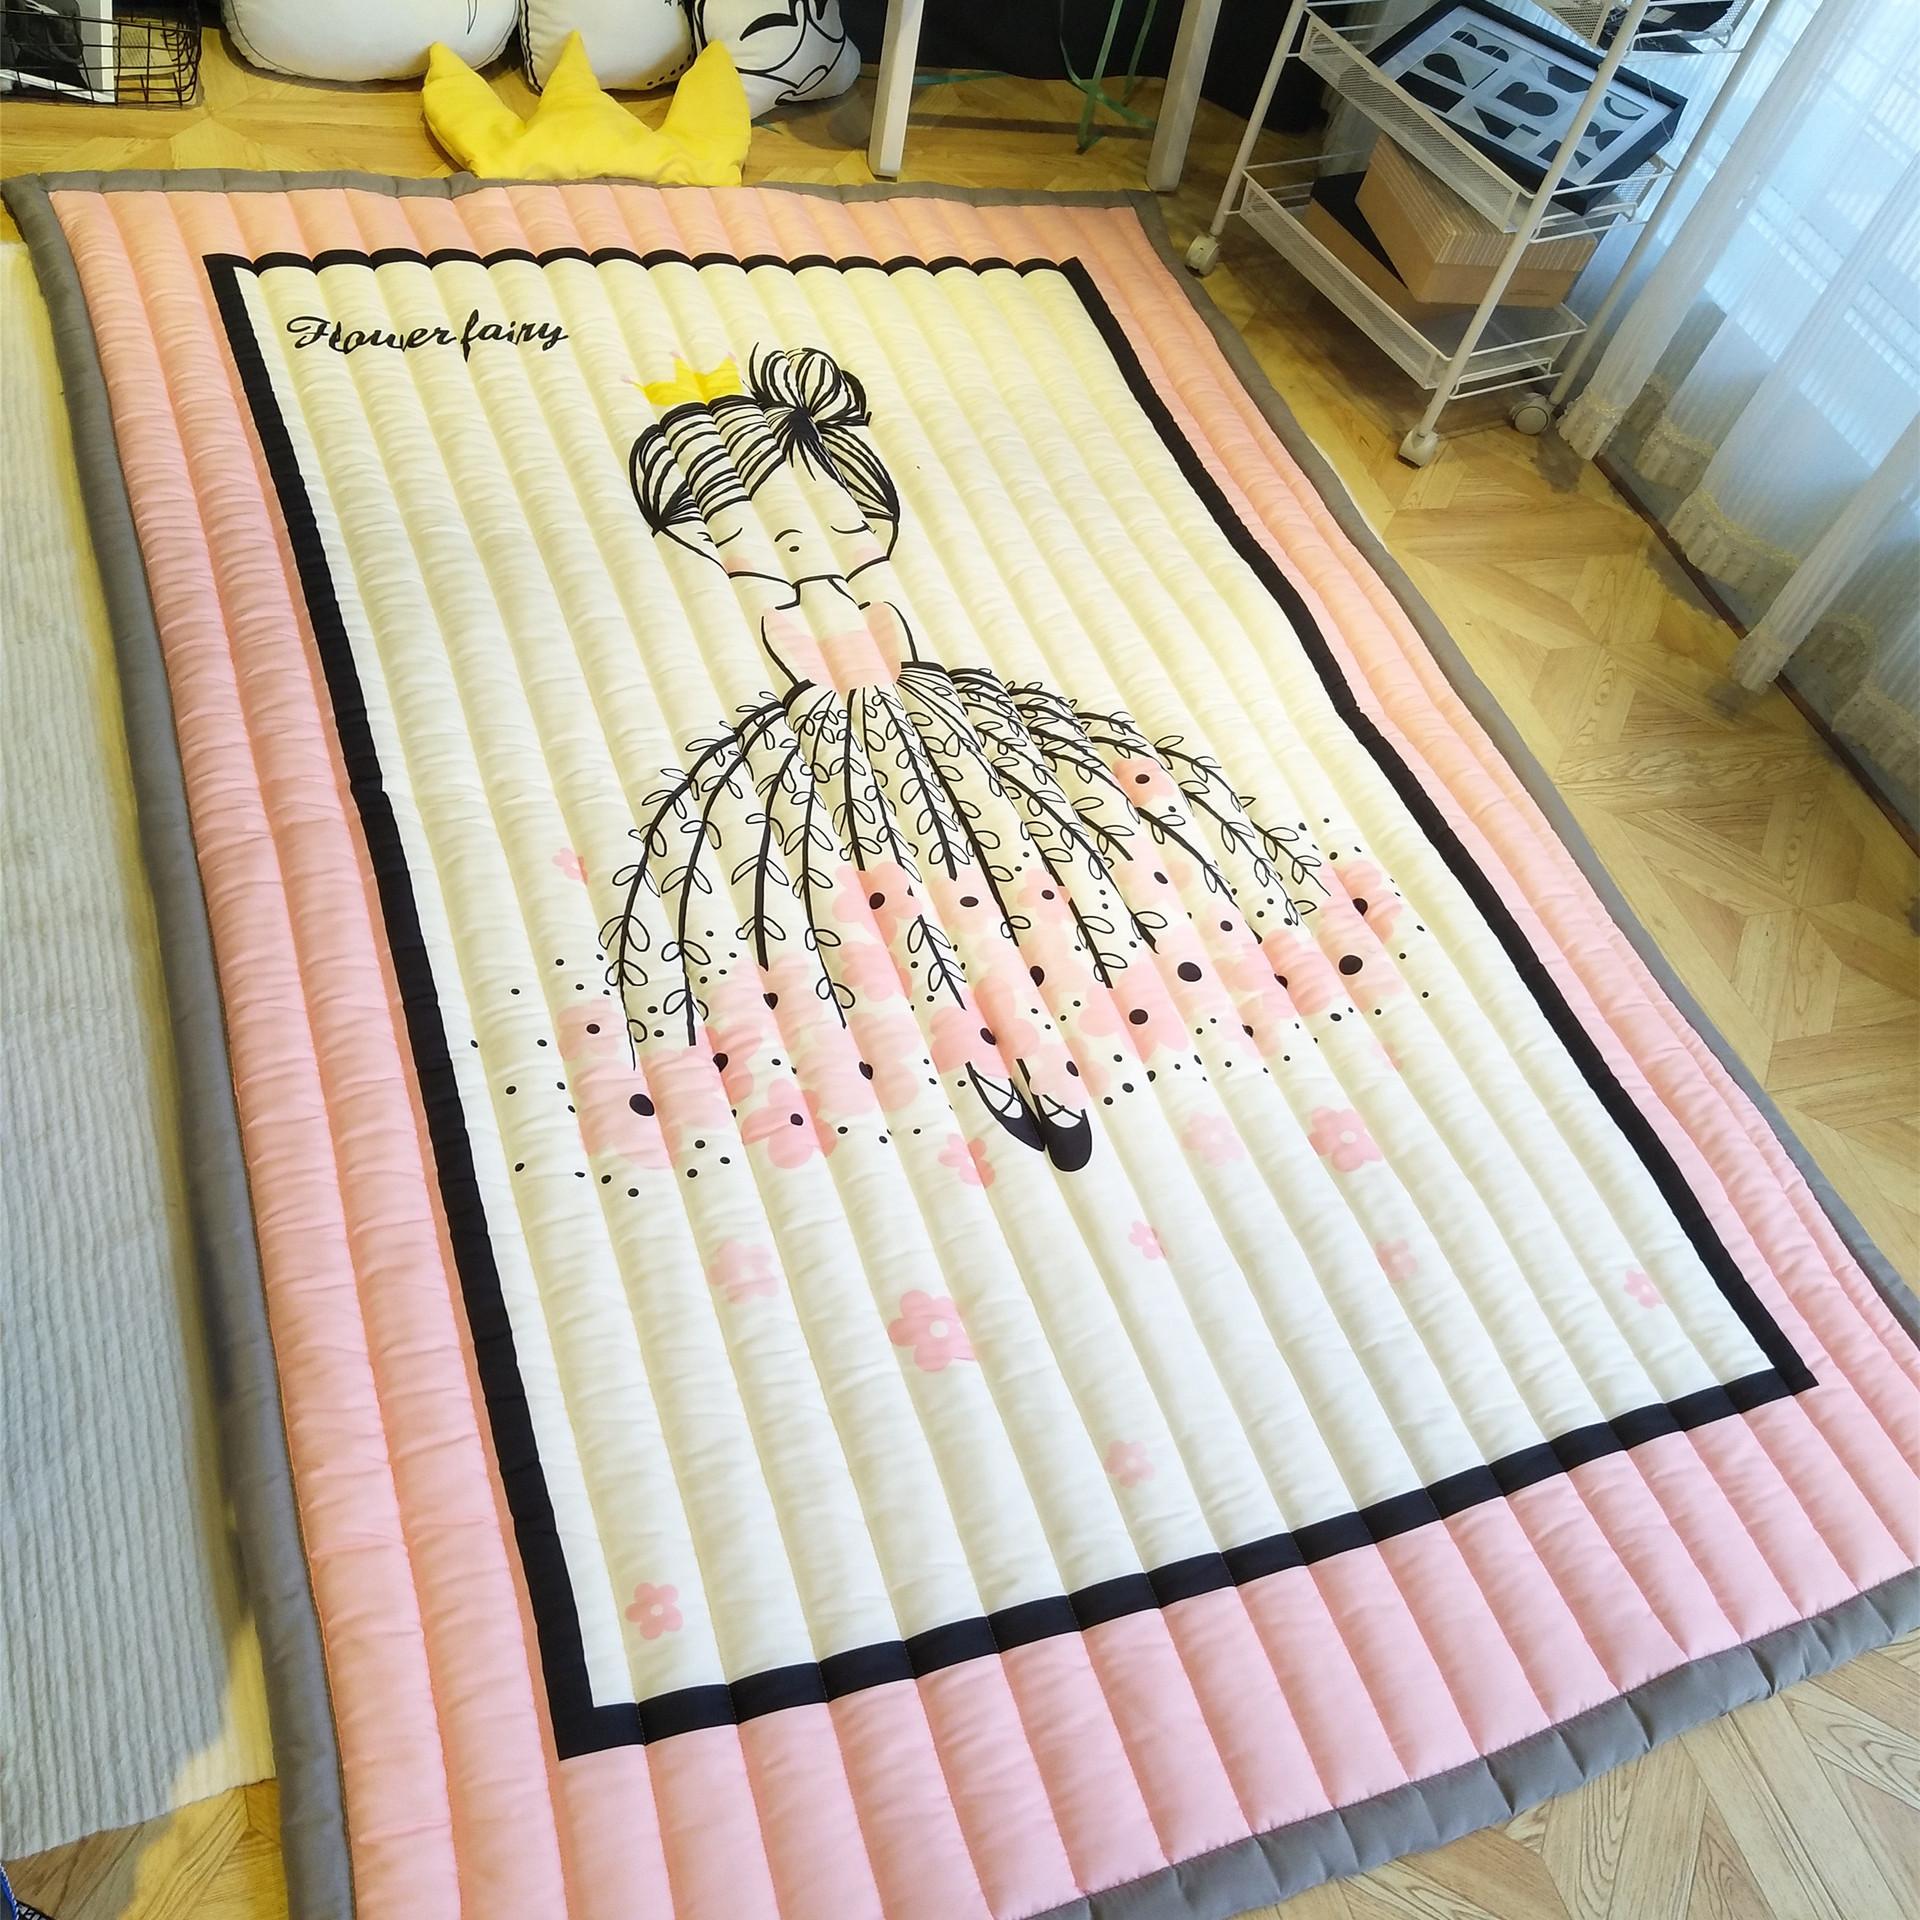 Full Size of Teppiche Cartoon Kind Teppich Spiel Rosa Cute Japanese Regal Weiß Wohnzimmer Sofa Regale Kinderzimmer Kinderzimmer Teppiche